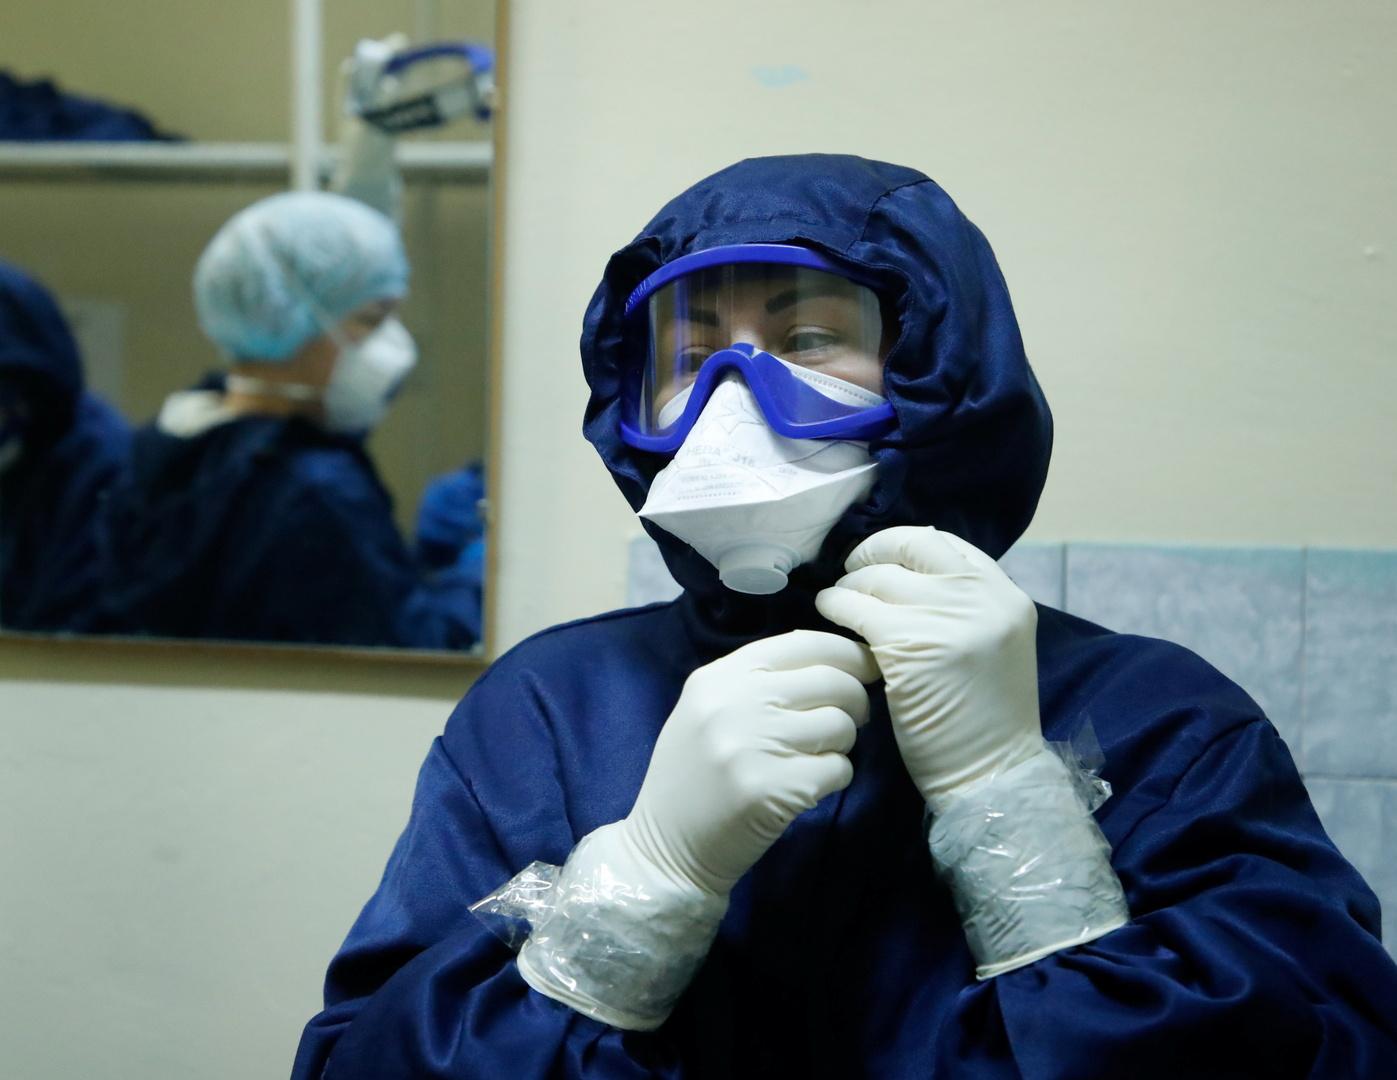 روسيا تسجل نحو 500 وفاة و15 ألف إصابة بكورونا خلال 24 ساعة